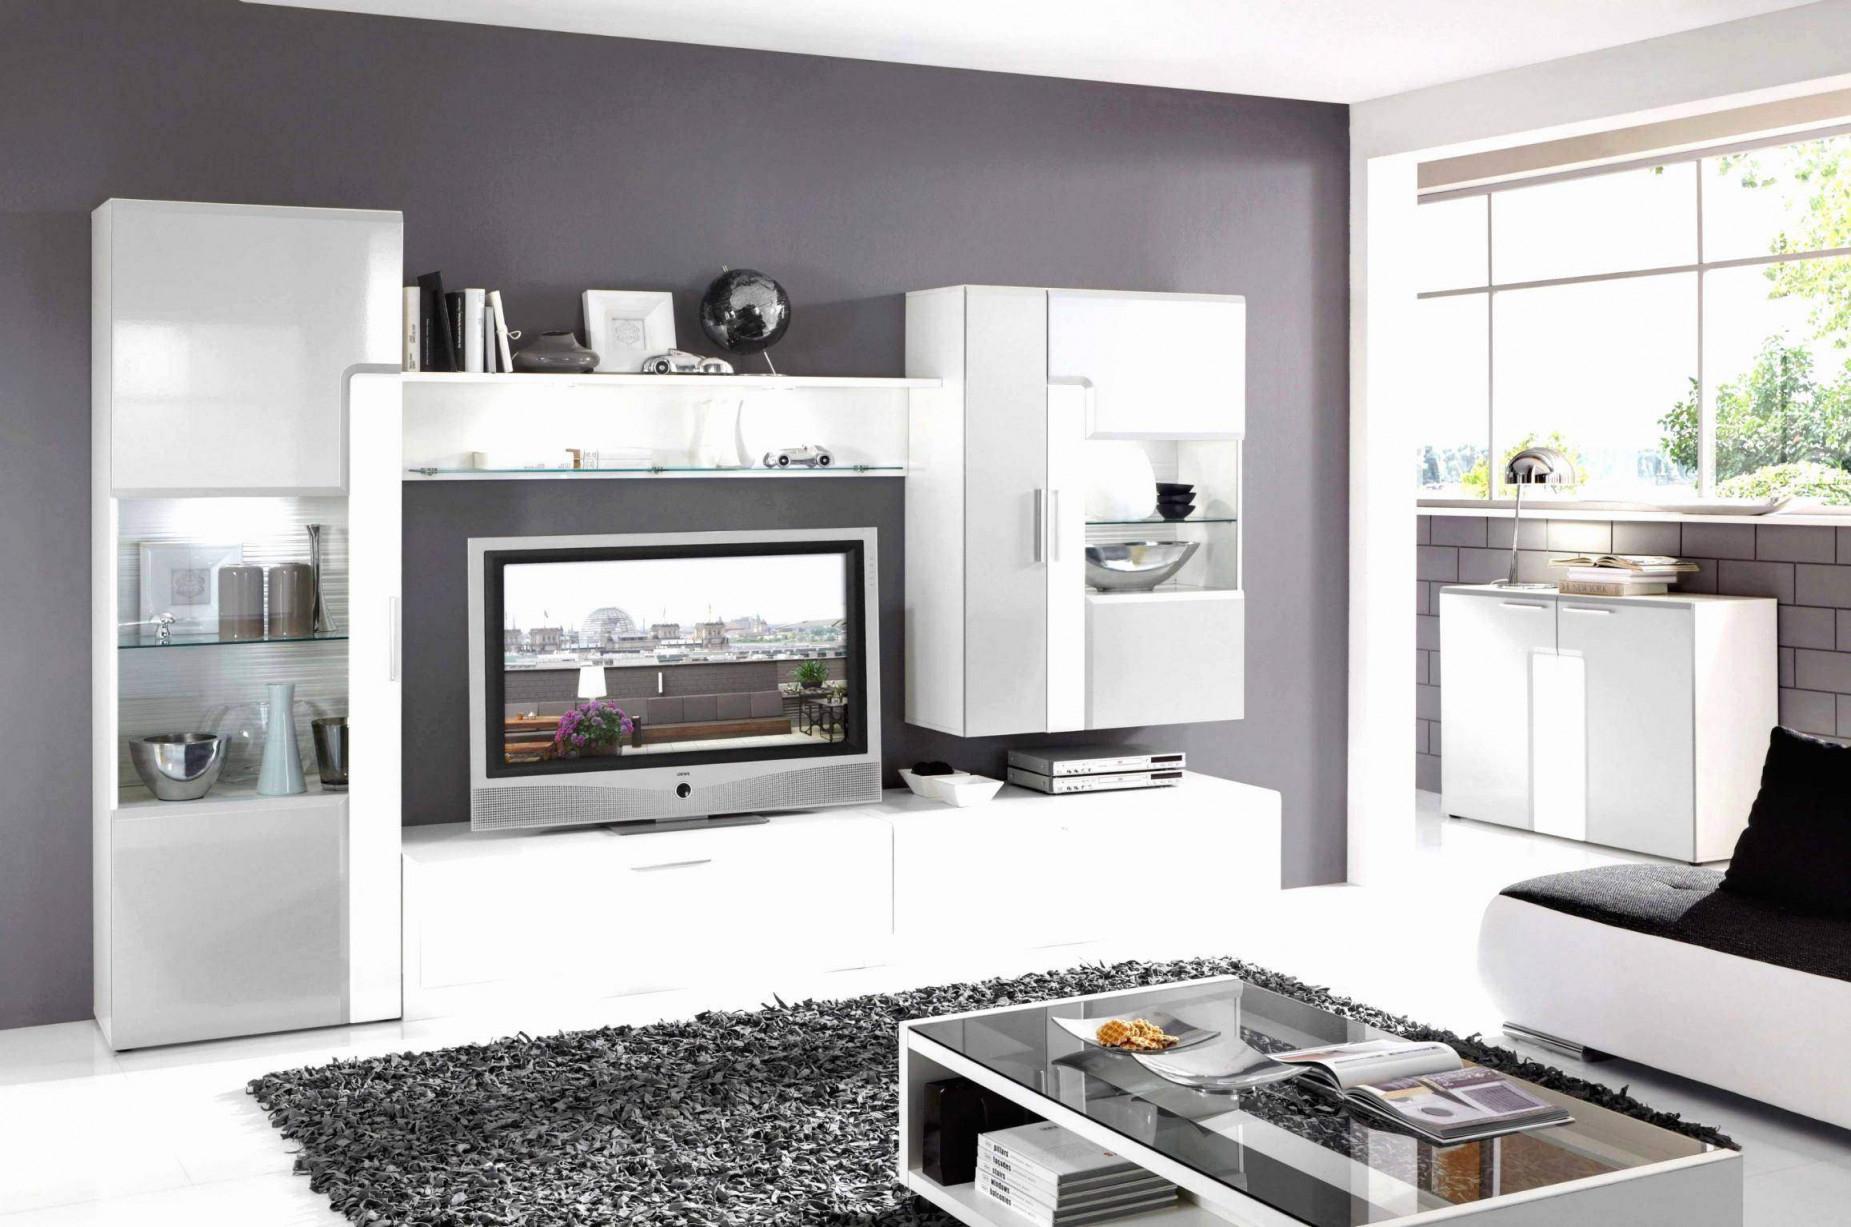 30 Elegant Ikea Besta Wohnzimmer Ideen Elegant  Wohnzimmer von Besta Wohnzimmer Ideen Photo